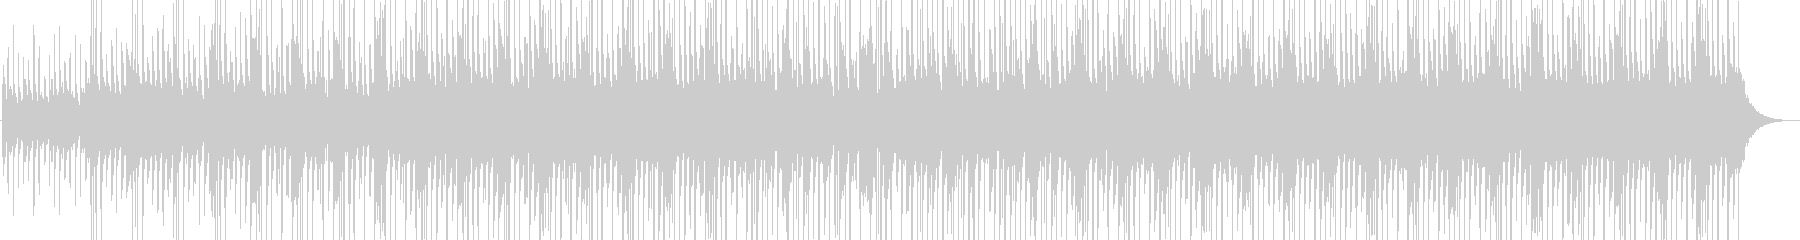 Funny musicの未再生の波形